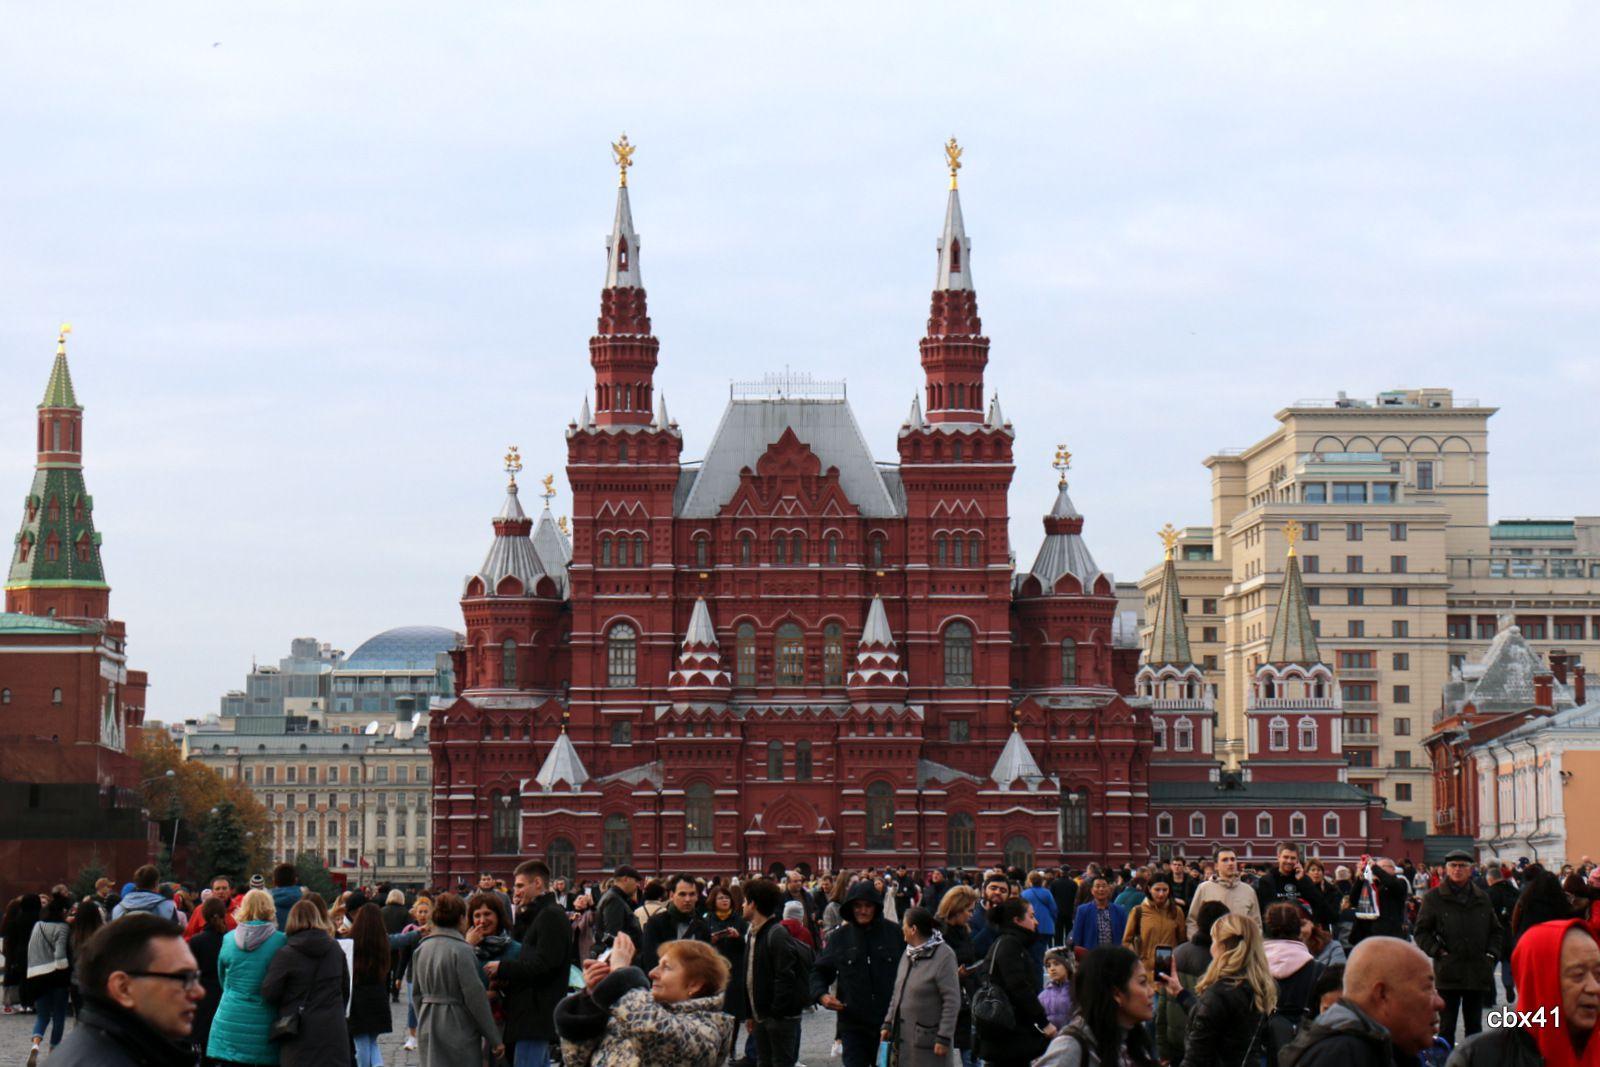 Musée historique d'Etat de Moscou